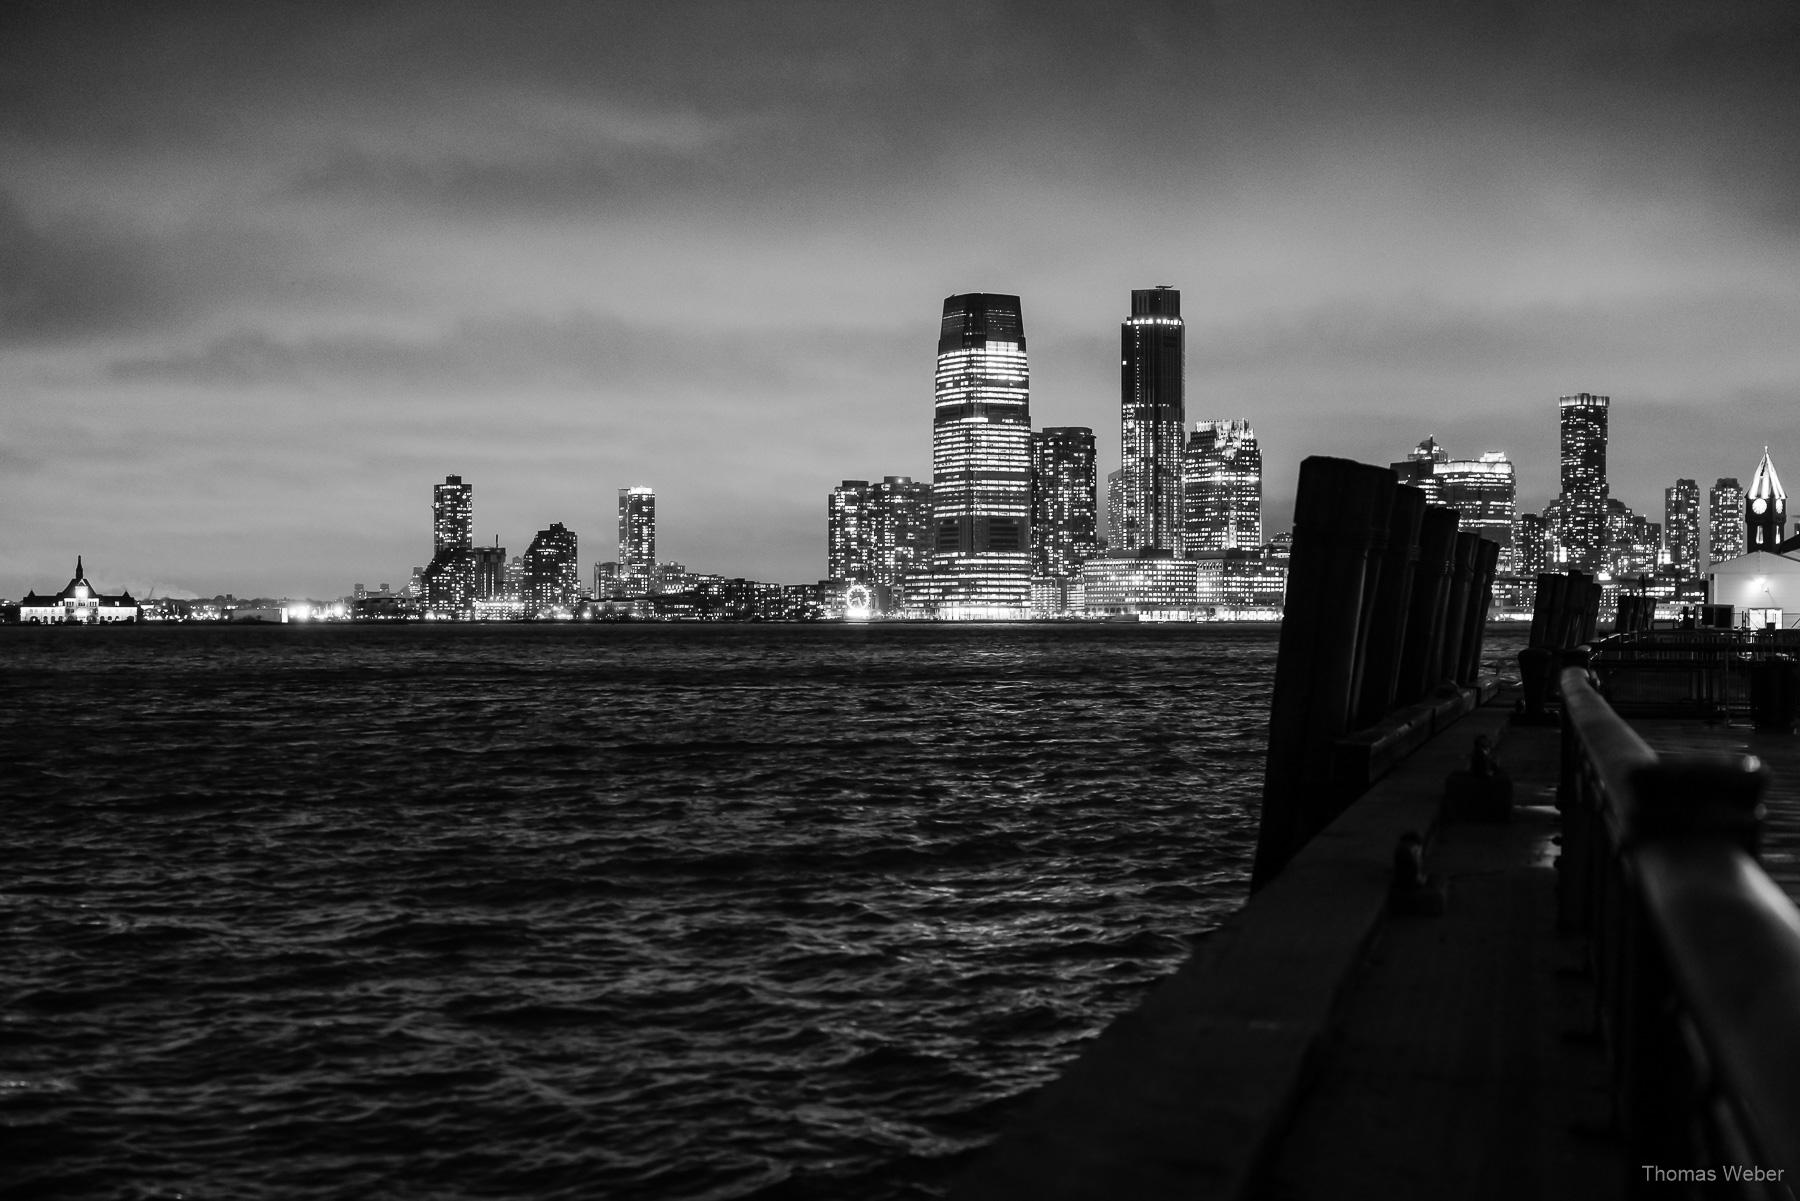 Fotoreise mit der Panasonic DC-S1R nach New York